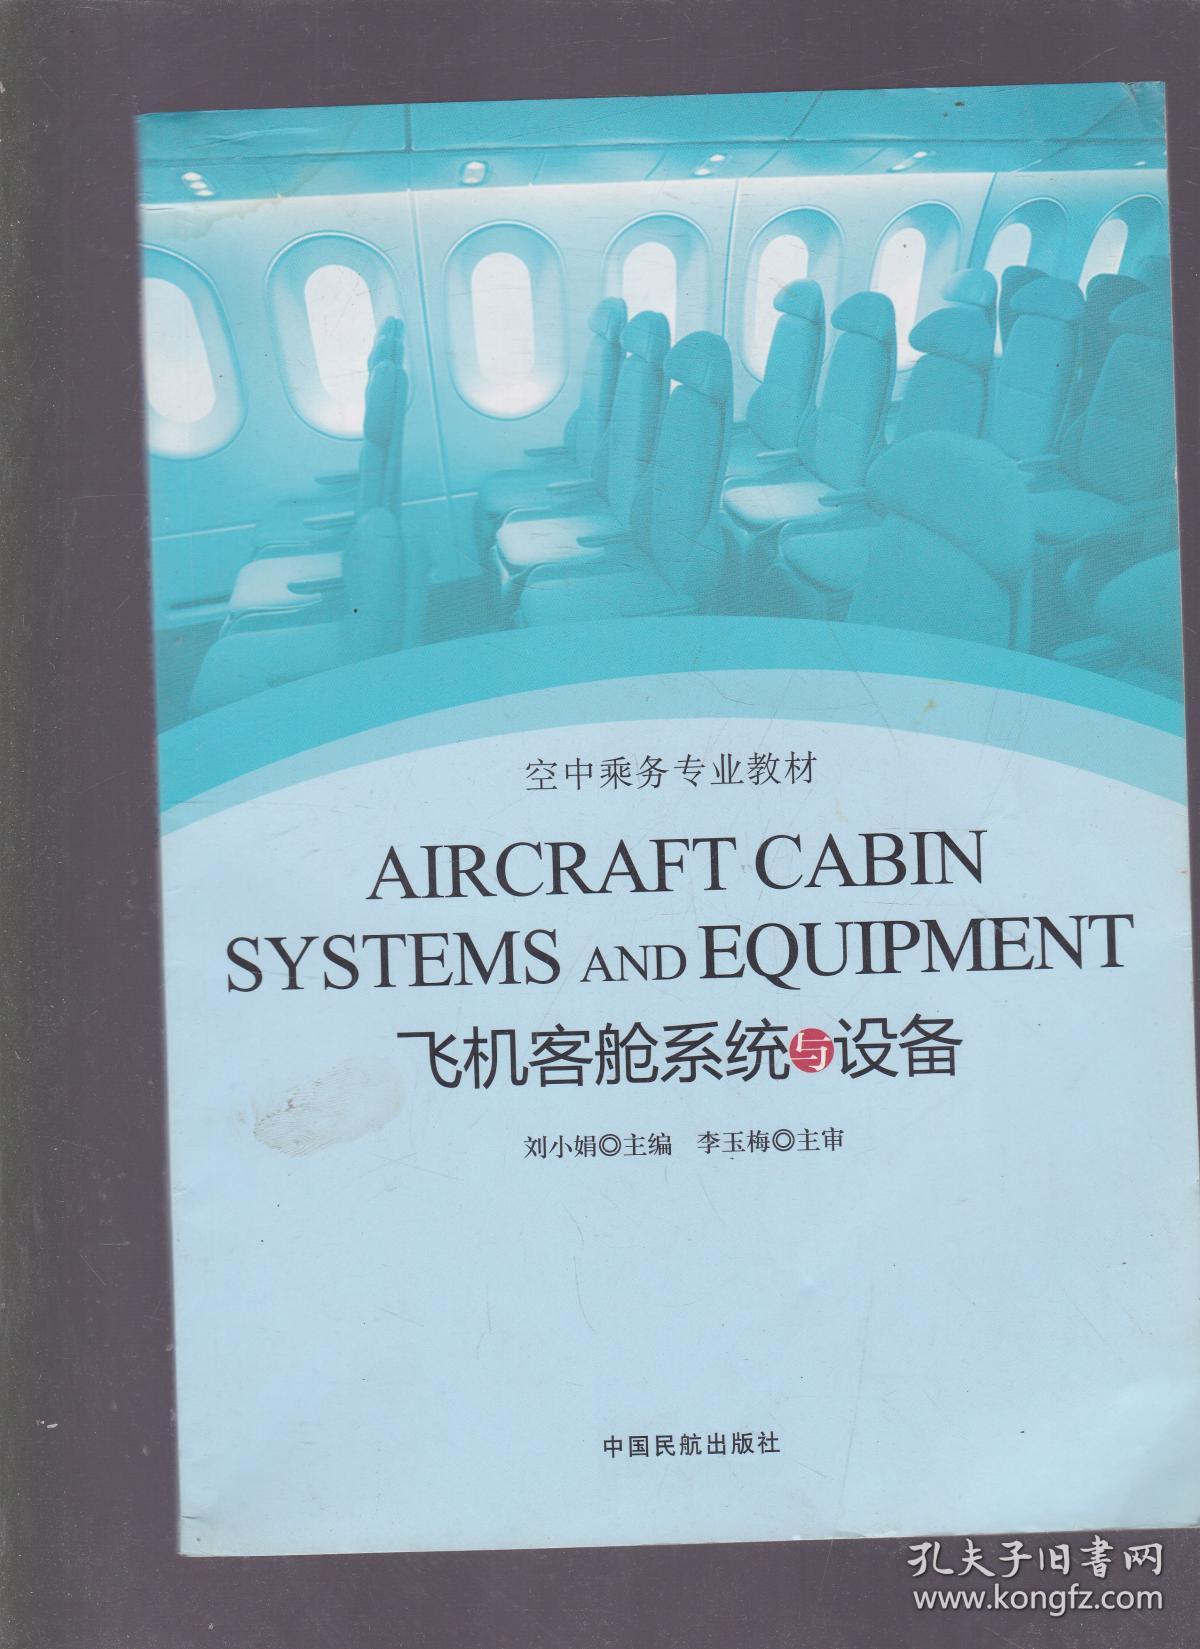 书脊水印系统与客舱(飞机少许设备)弹簧门碰门吸图片